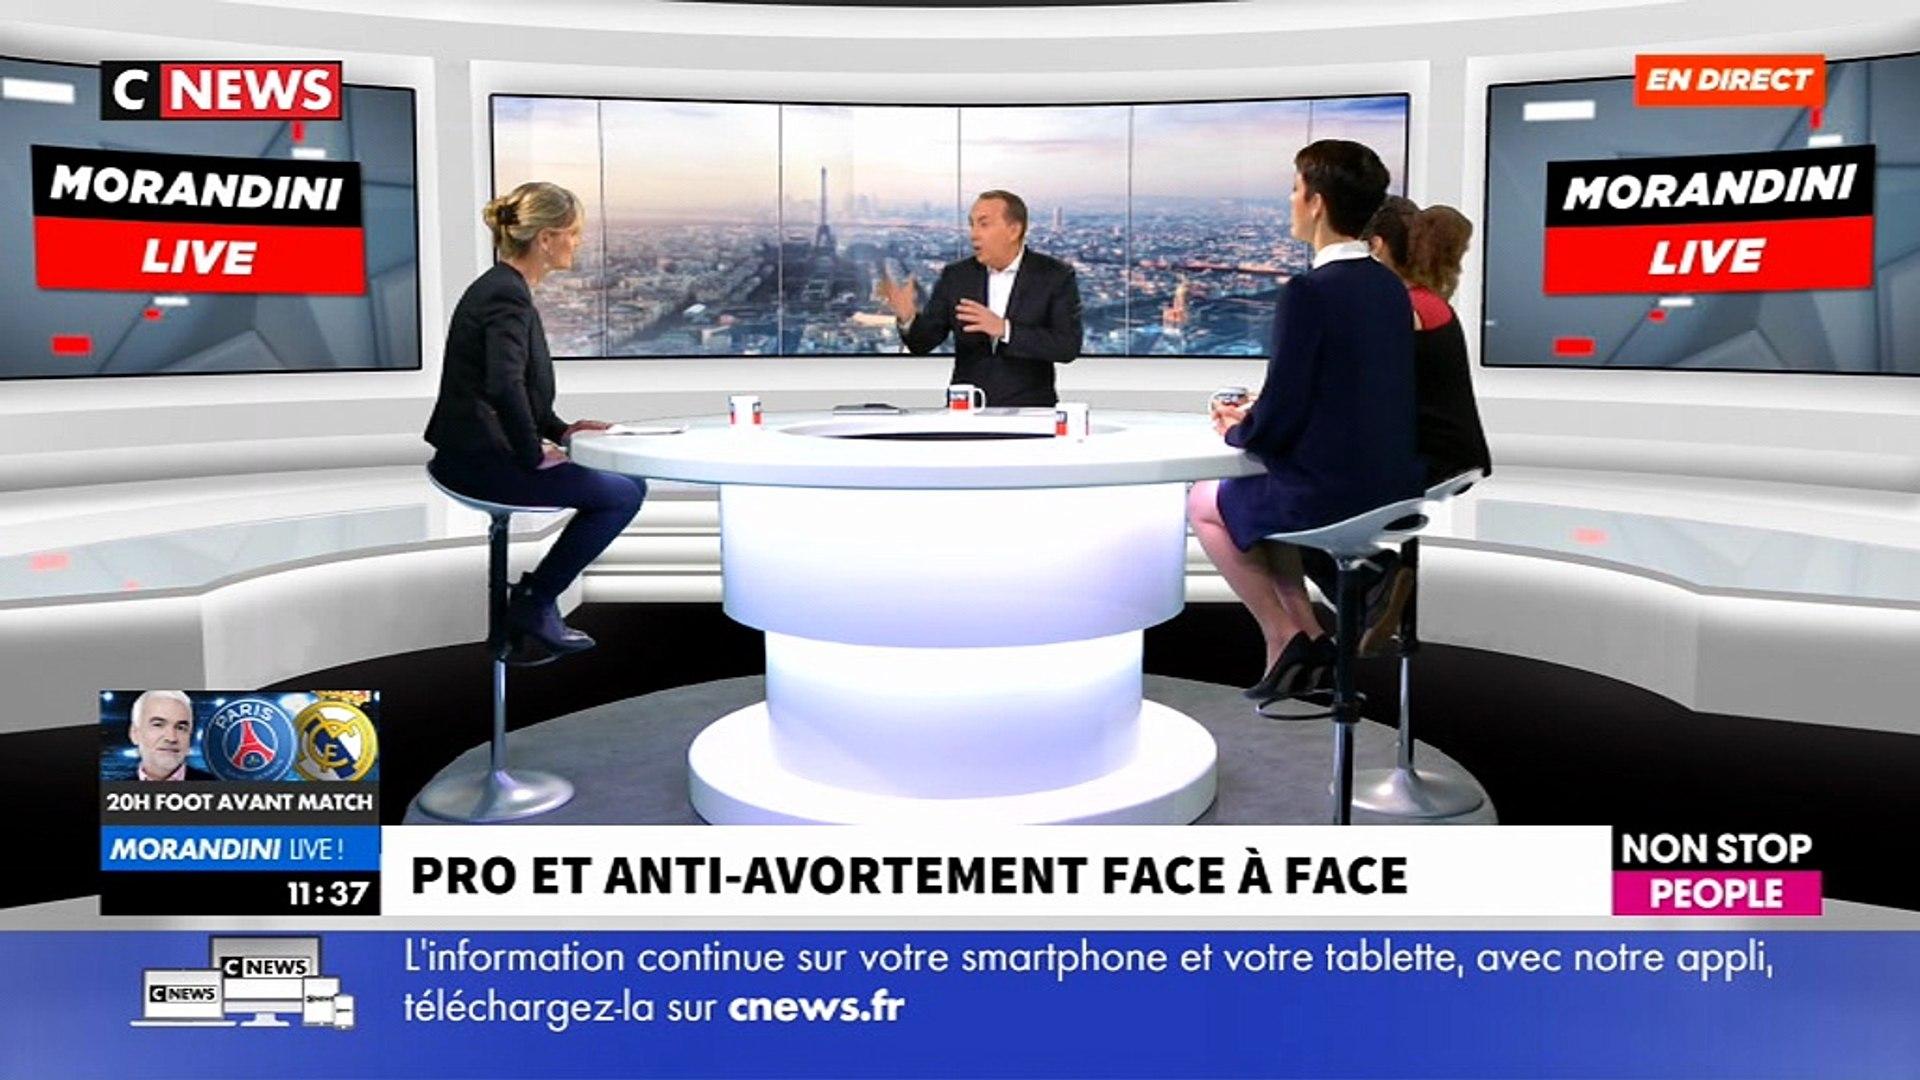 Pro et anti-avortement, regardez le face à face très tendu ce matin en direct dans